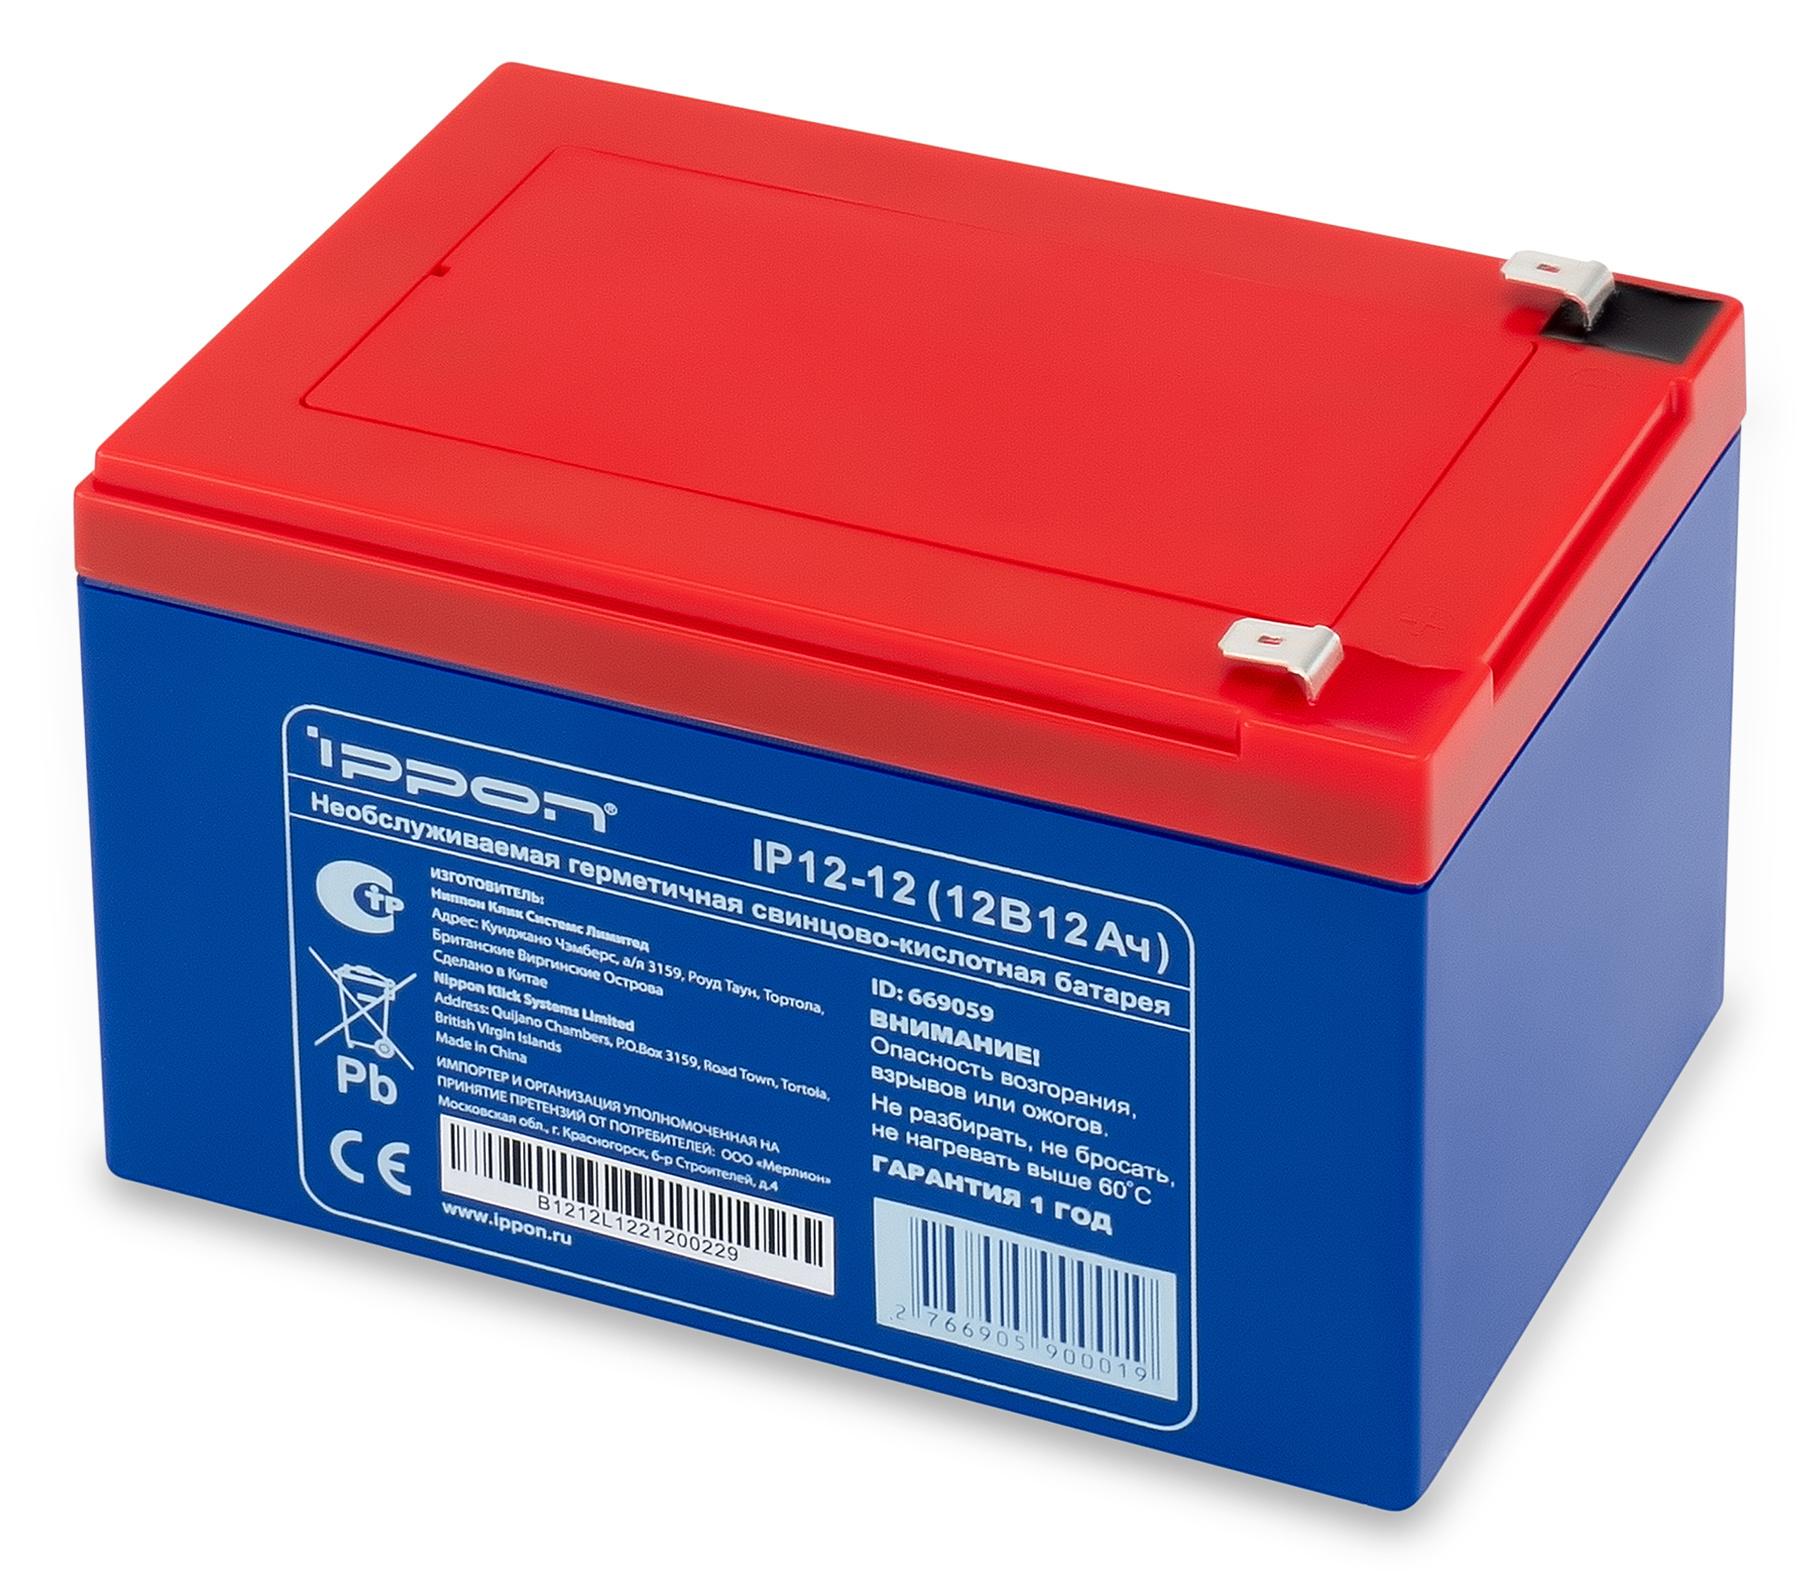 Ippon - Батарея для источников бесперебойного питания Аккумуляторная батарея IP 12-12